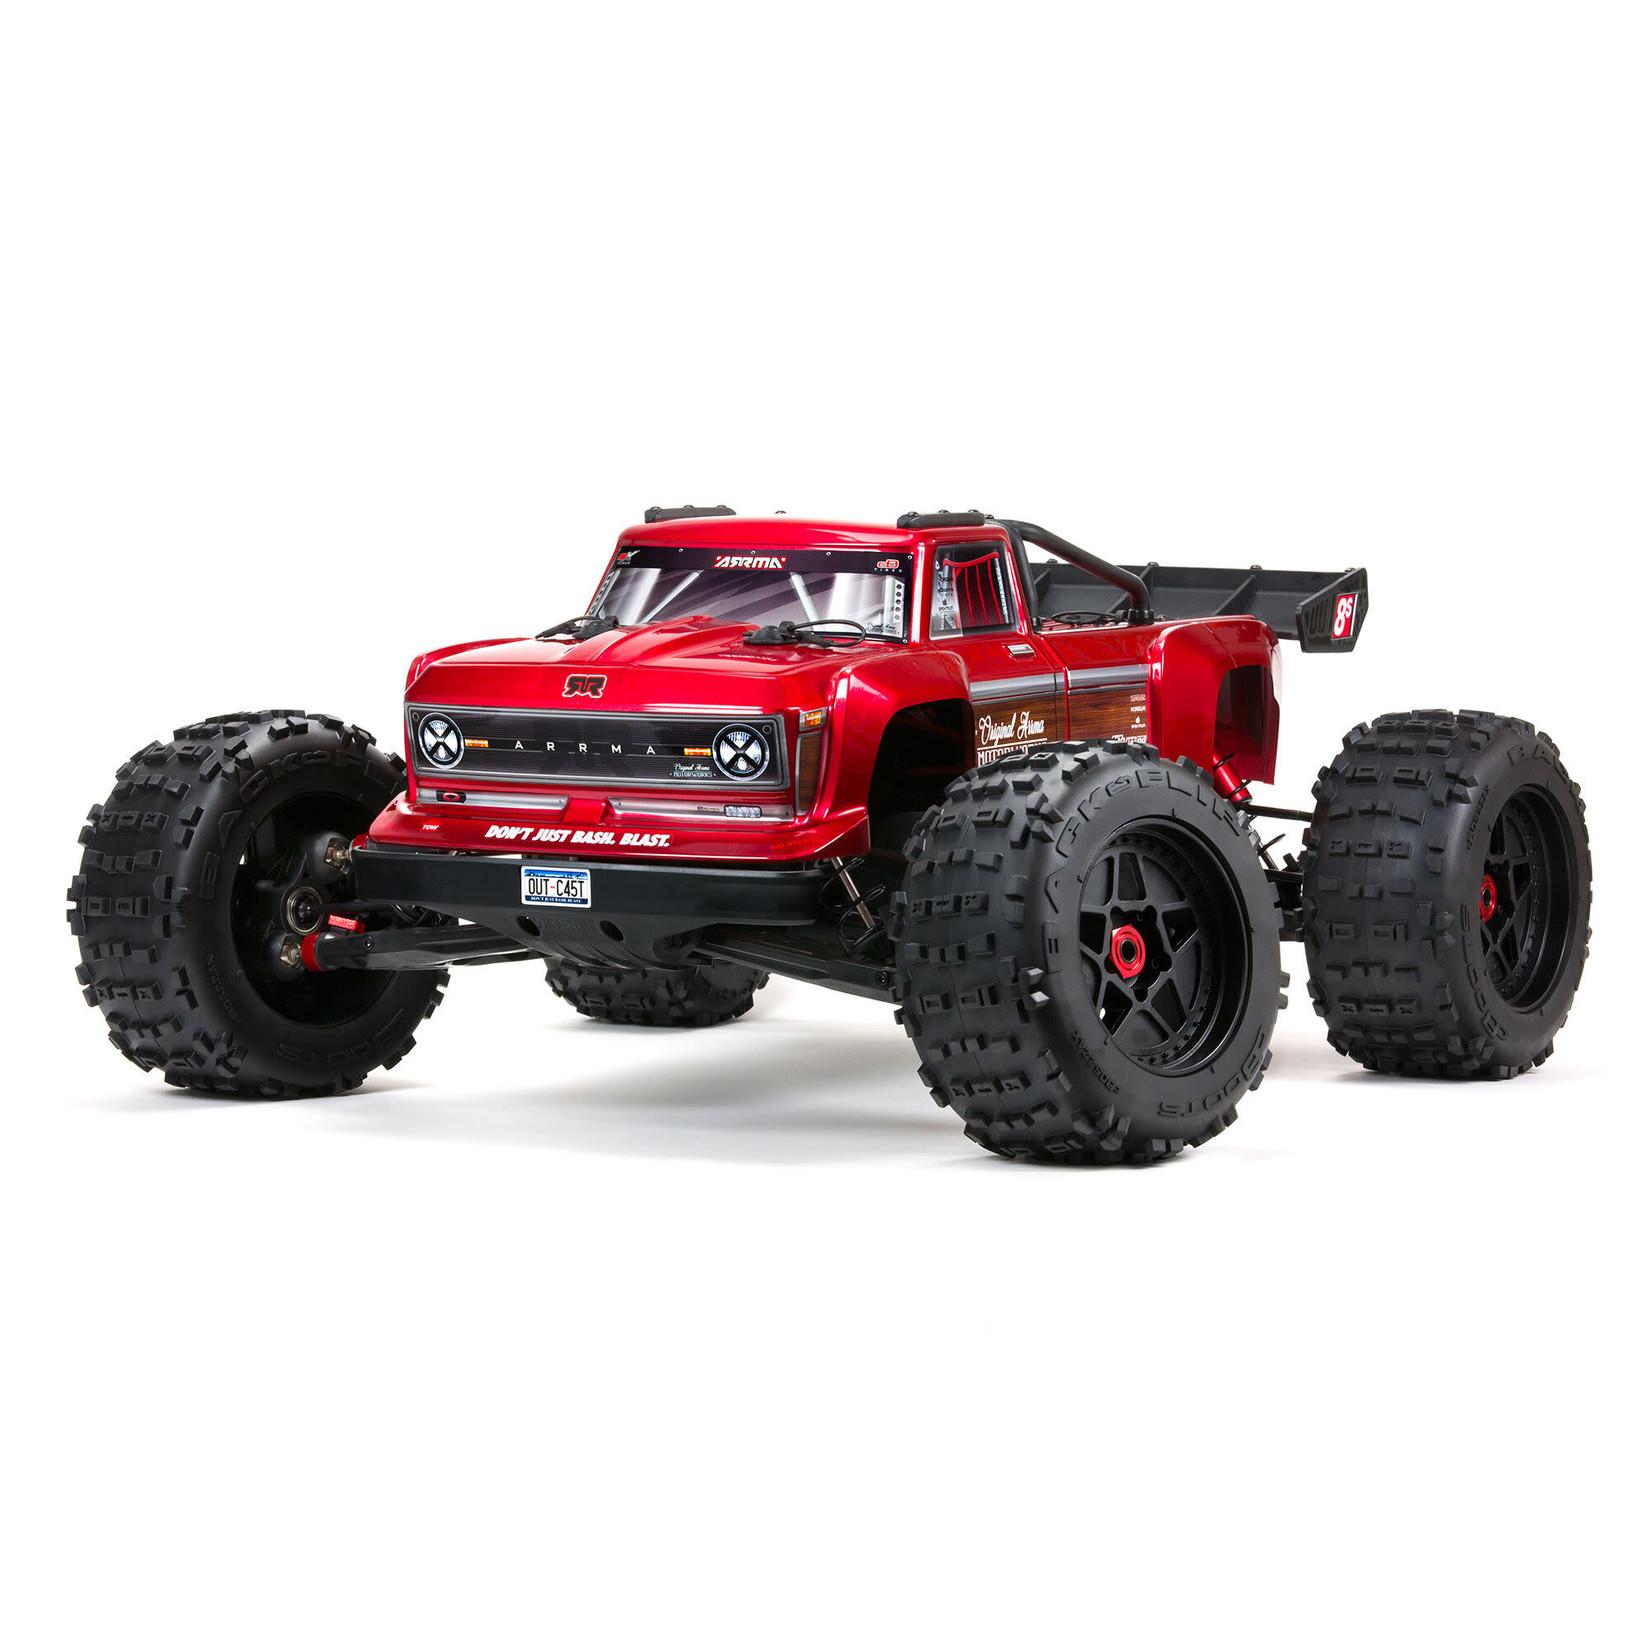 ARRMA ARA5810 Arrma Outcast 4X4 8S BLX 1/5th Stunt Truck Red